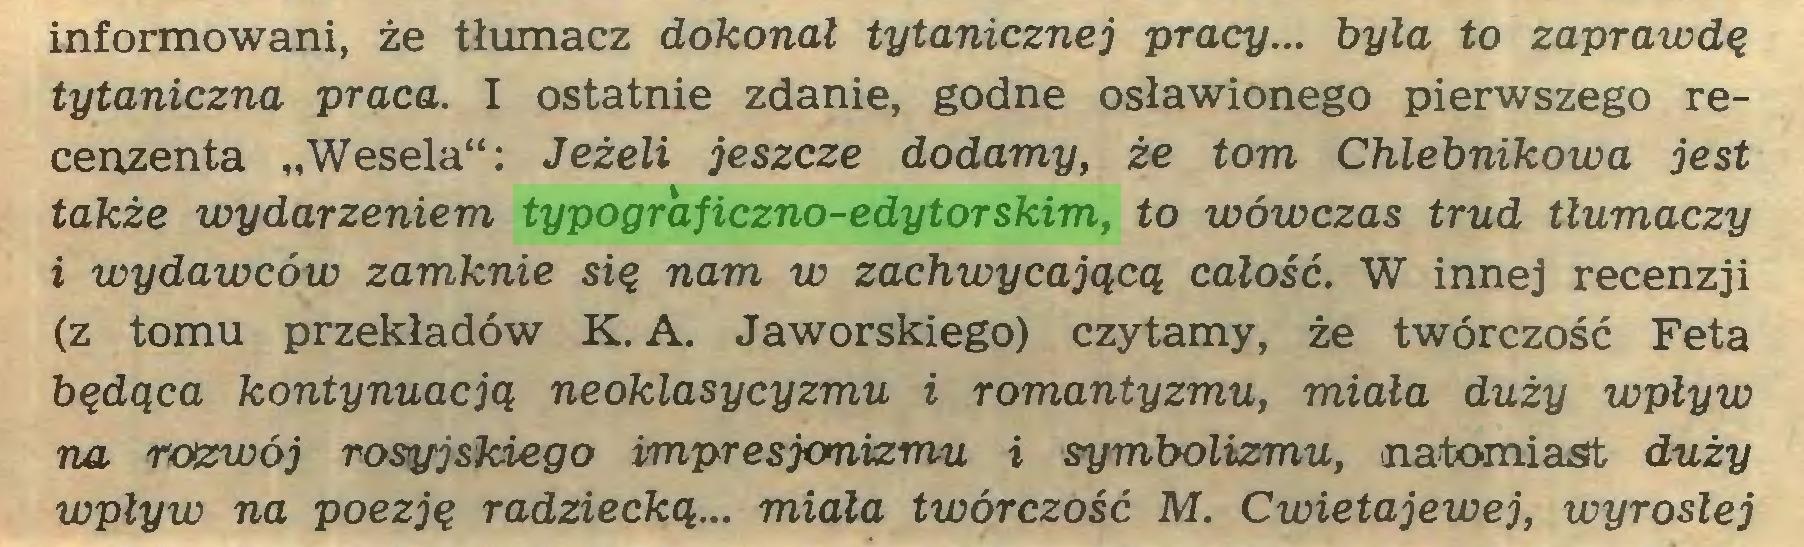 """(...) informowani, że tłumacz dokonał tytanicznej pracy... była to zaprawdę tytaniczna praca. I ostatnie zdanie, godne osławionego pierwszego recenzenta """"Wesela"""": Jeżeli jeszcze dodamy, że tom Chlebnikowa jest także wydarzeniem typograficzno-edytorskim, to wówczas trud tłumaczy i wydawców zamknie się nam w zachwycającą całość. W innej recenzji (z tomu przekładów K. A. Jaworskiego) czytamy, że twórczość Feta będąca kontynuacją neoklasycyzmu i romantyzmu, miała duży wpływ na rozwój rosyjskiego impresjonizmu i symbolizmu, natomiast duży wpływ na poezję radziecką... miała twórczość M. Cwietajewej, wyrosłej..."""